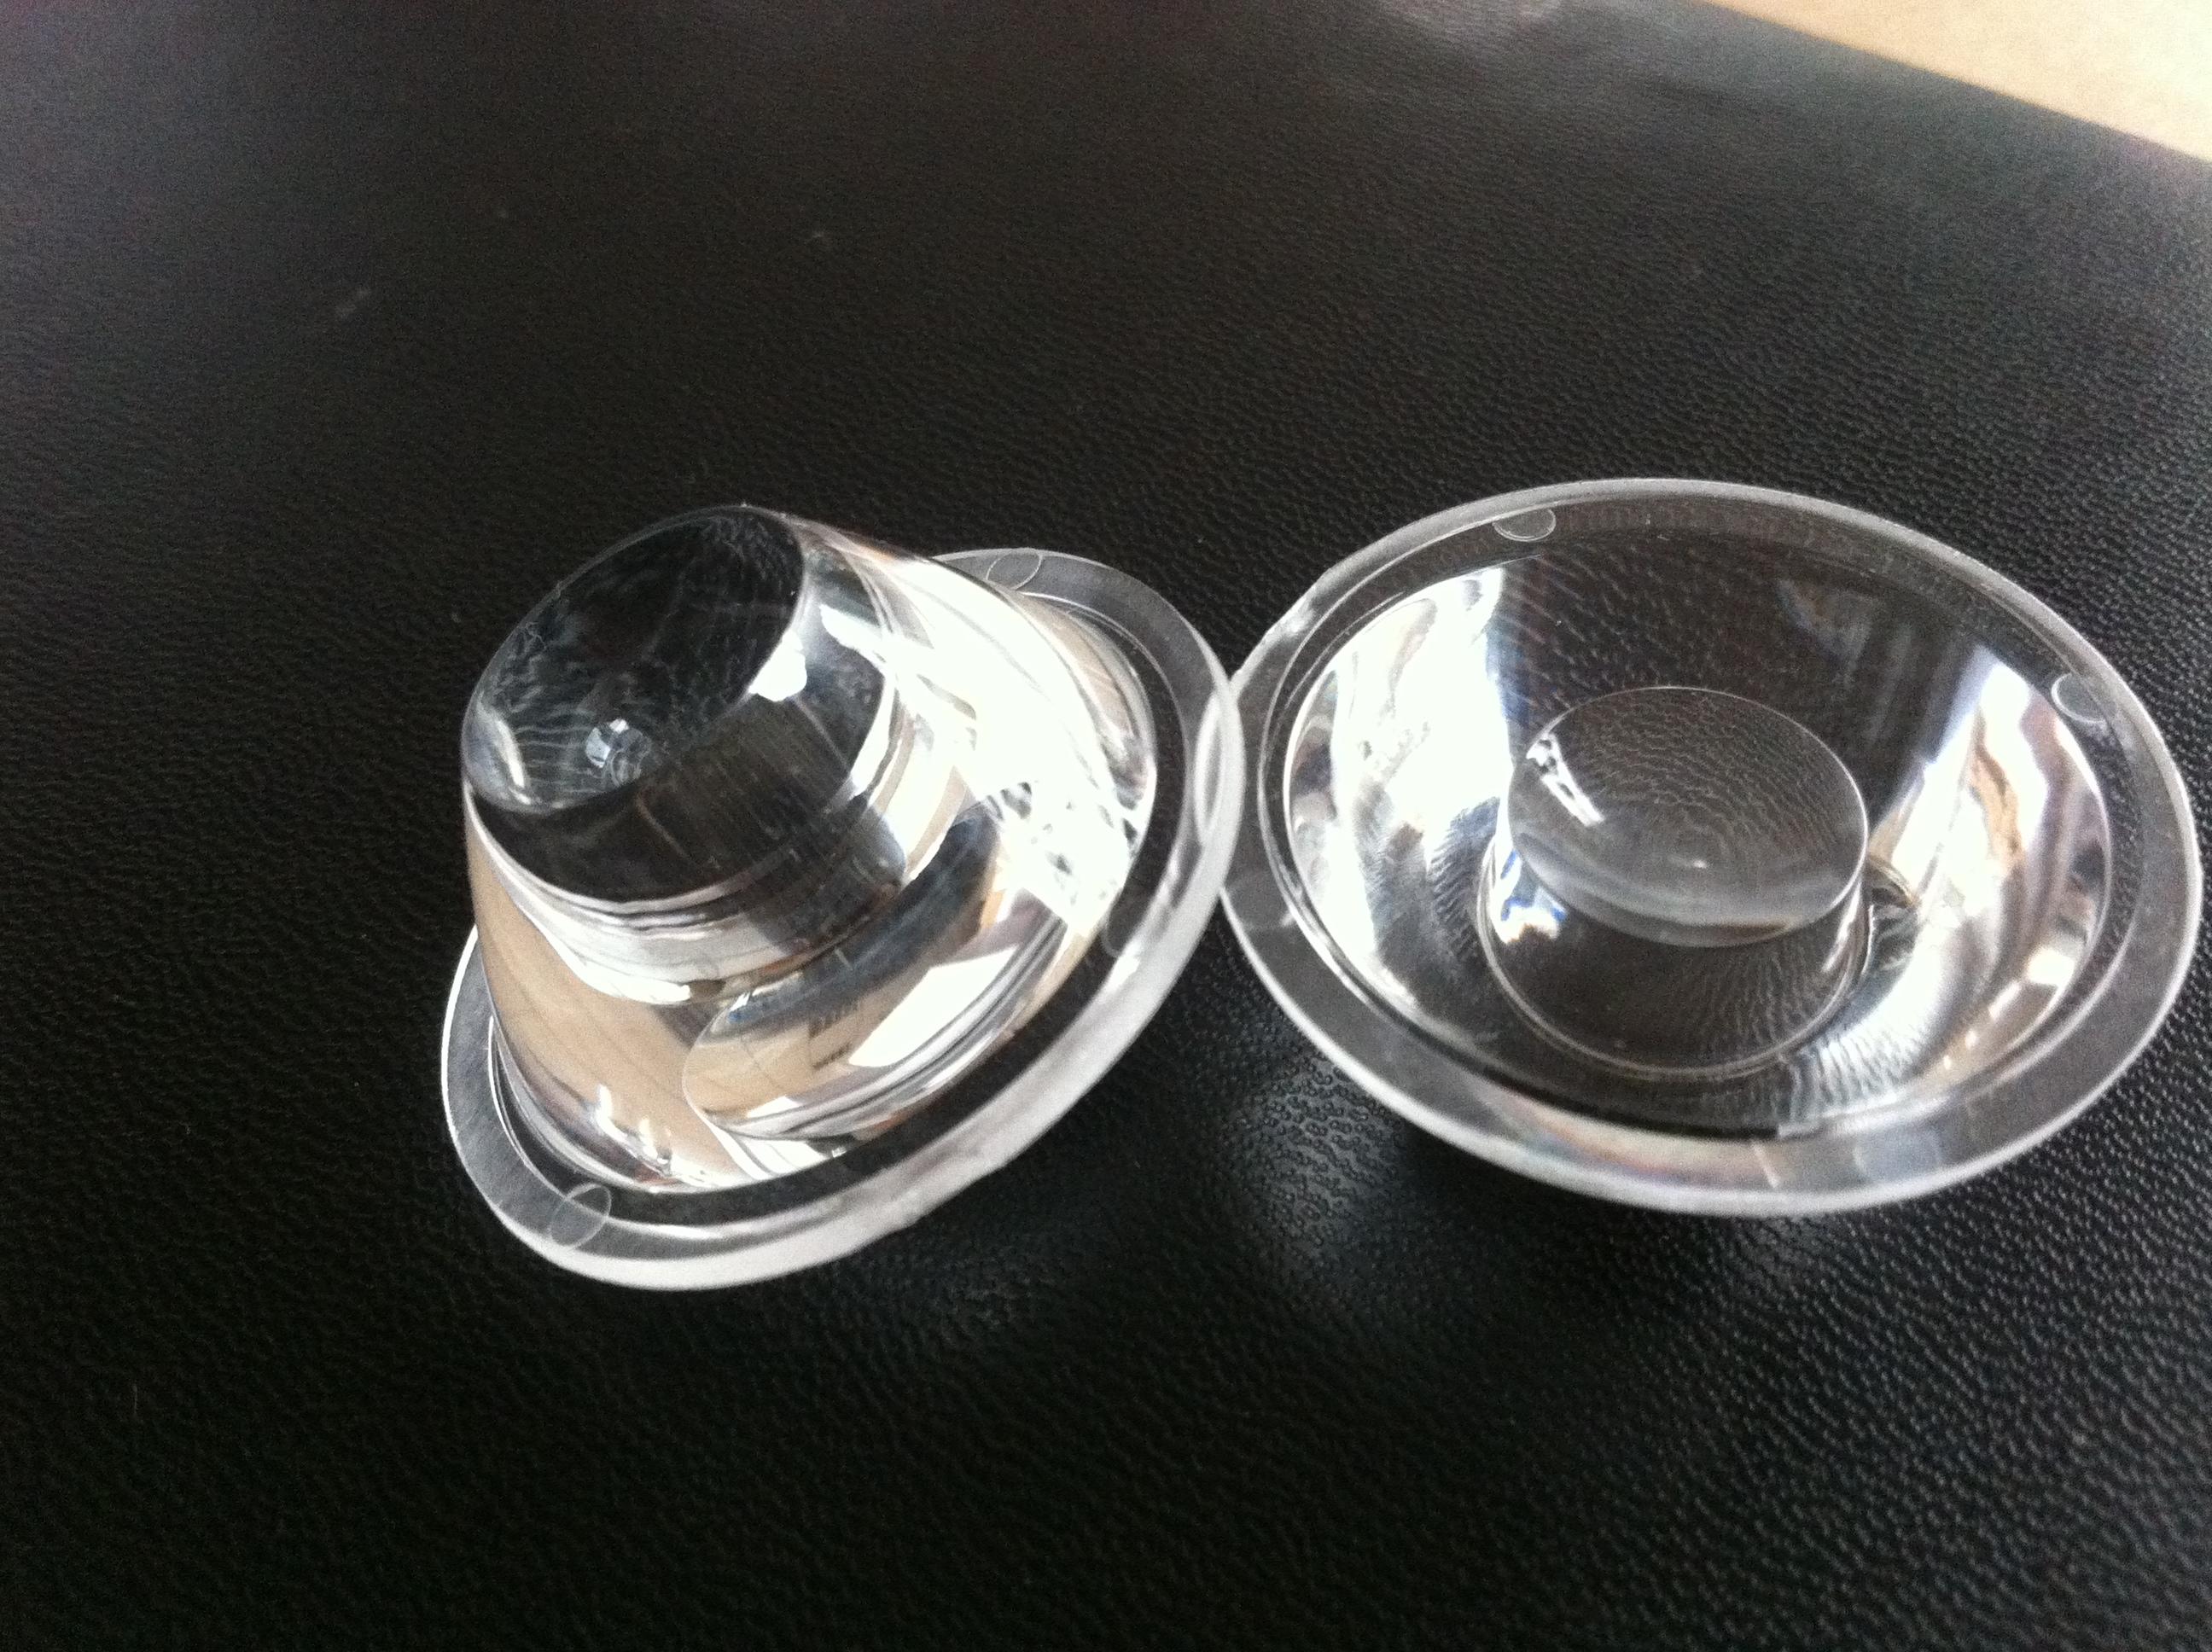 旭锦塑胶模具公司多年生产LED透镜,光学透镜及大功率LED光电产品的复合型高科技企业。本公司拥有专业的光学设计师和光学模具设计师,为广大的新老客户提供了良好的光学及模具设计方案。先进的无尘生产车间和先进的生产设备,采用进口原装三菱PMMA光学级料,保障了产品的质量和产品的透光率。 LED透镜事业部主要配合大功率LED照明市场来开发和生产各种LED透镜和精密光学透镜,可以根据客户图样及要求进行开模,设计和生产。我公司主要针对(LUMILEDS,CREE,韩国首尔,台湾HLE,台湾亿光,爱迪森,三星)等大功率